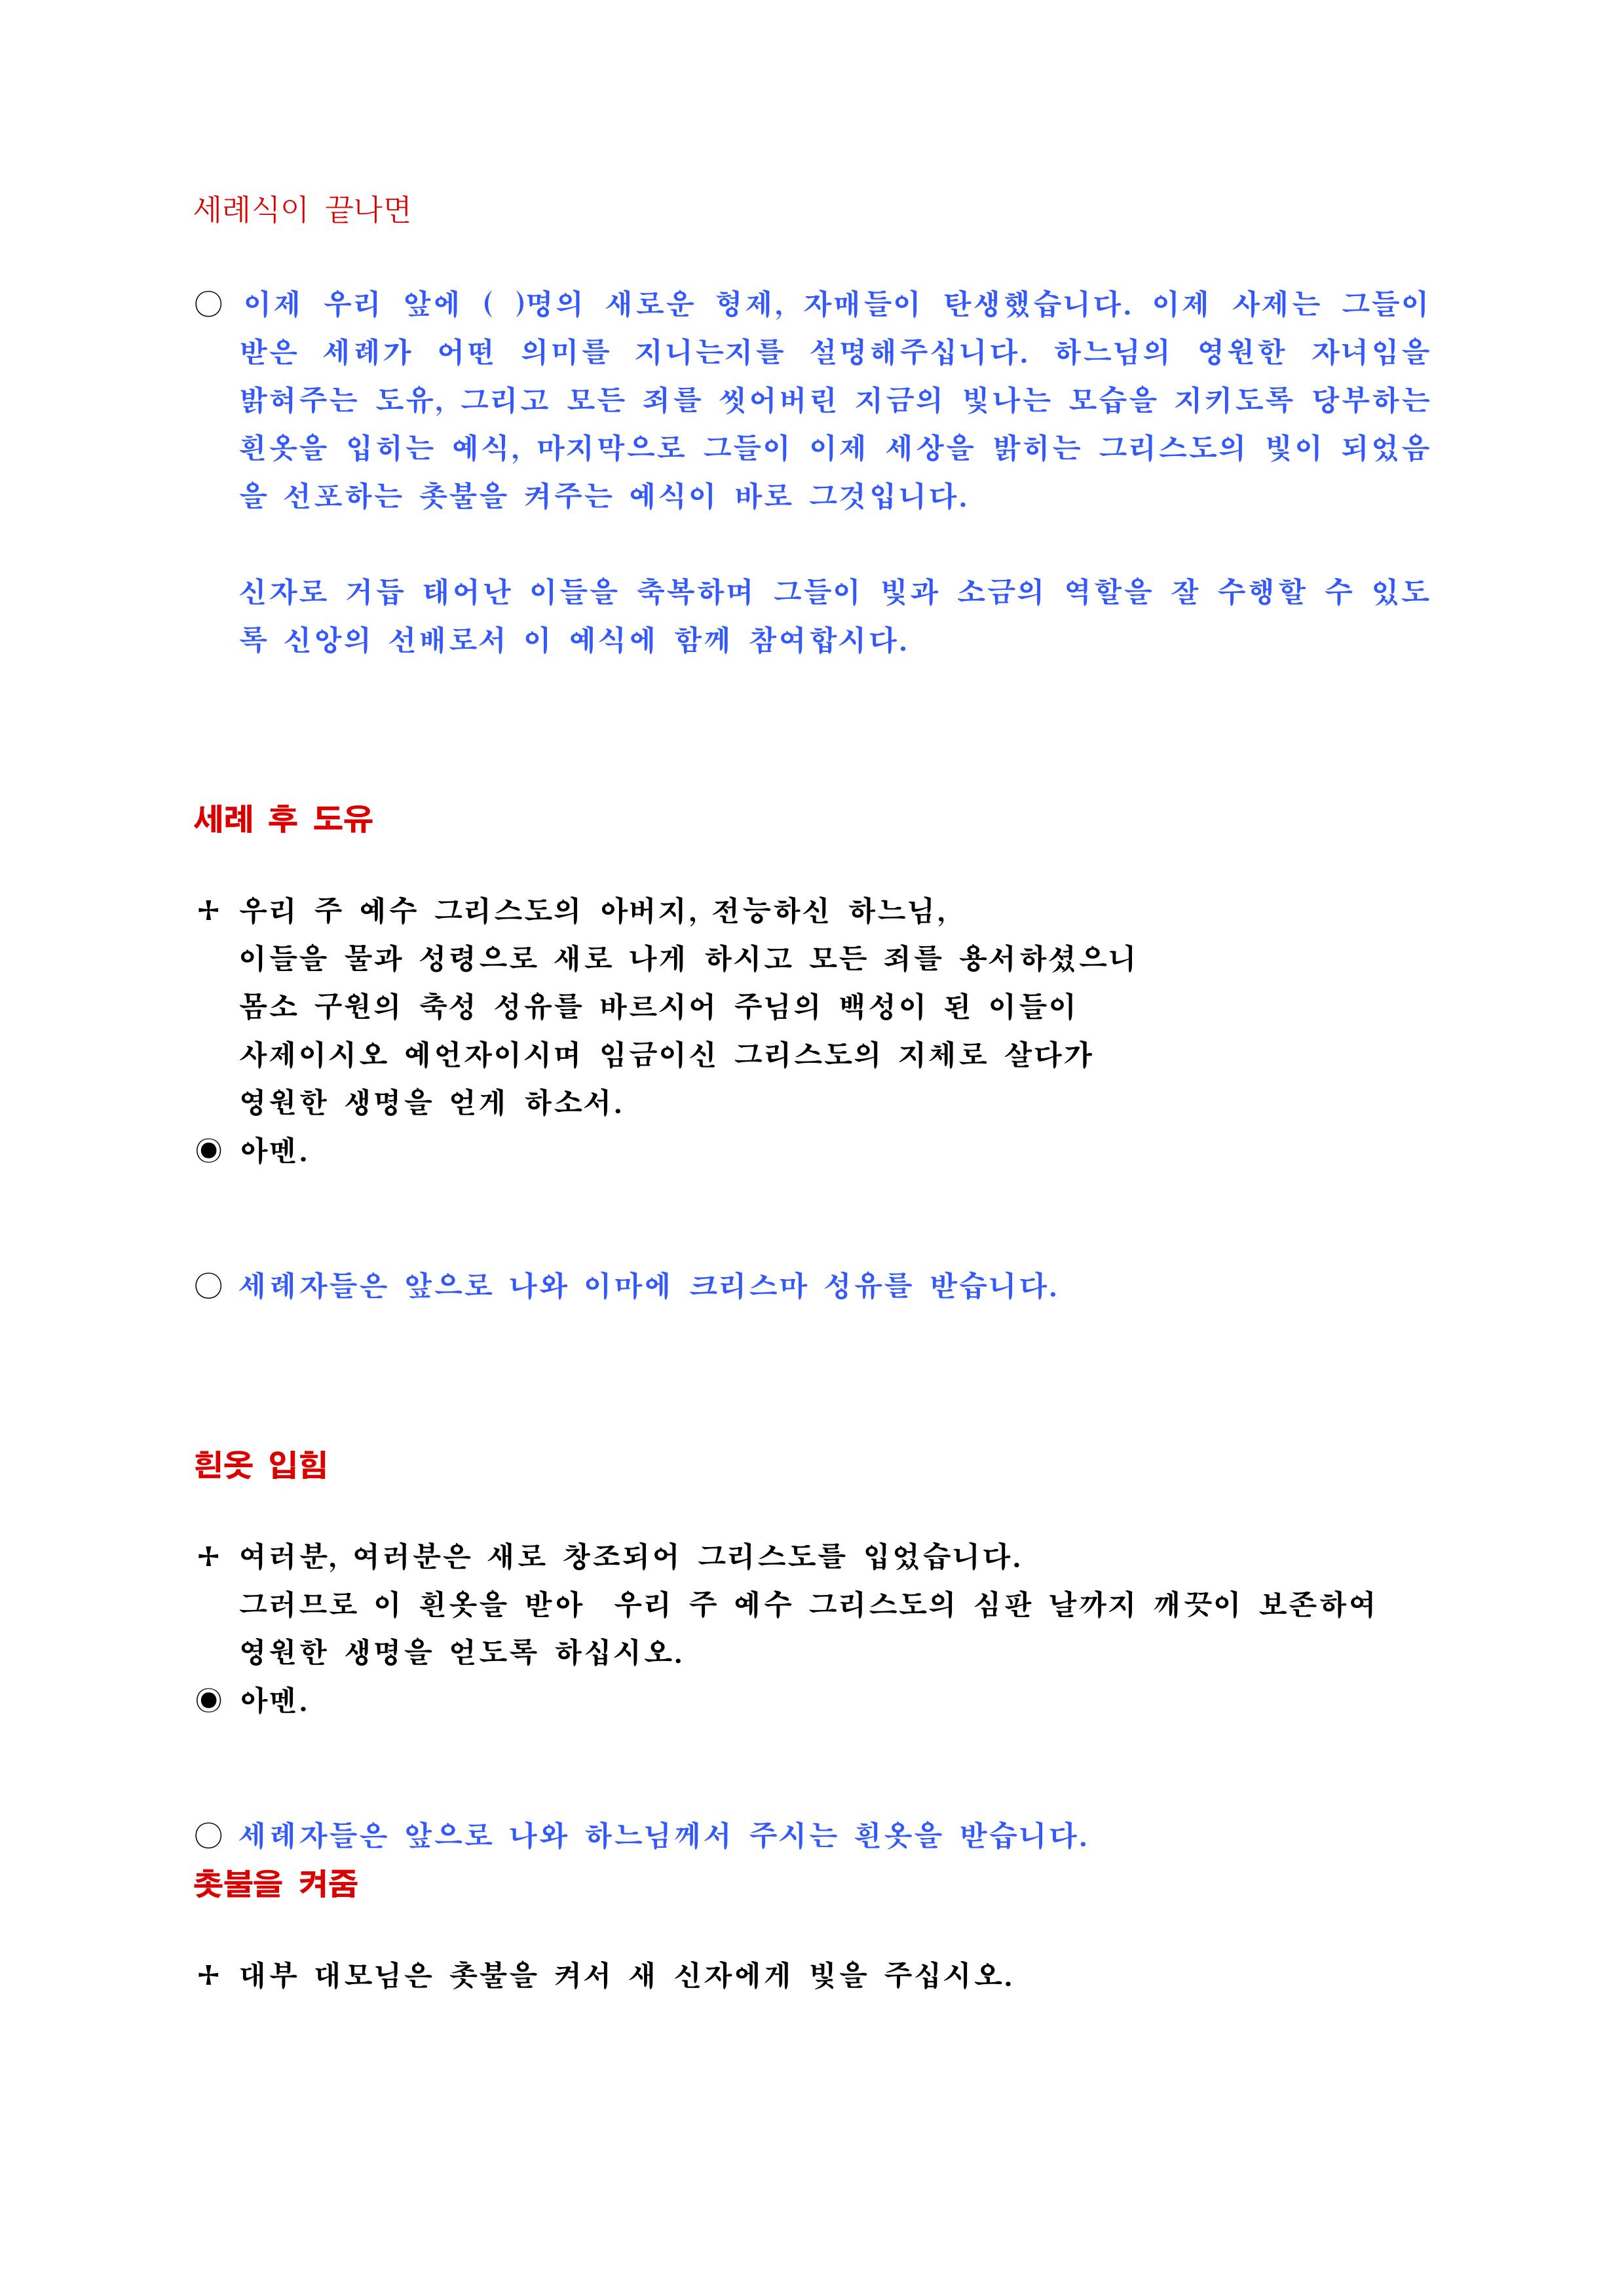 어른 입교 예식(괴정성당용-해설)4.jpg